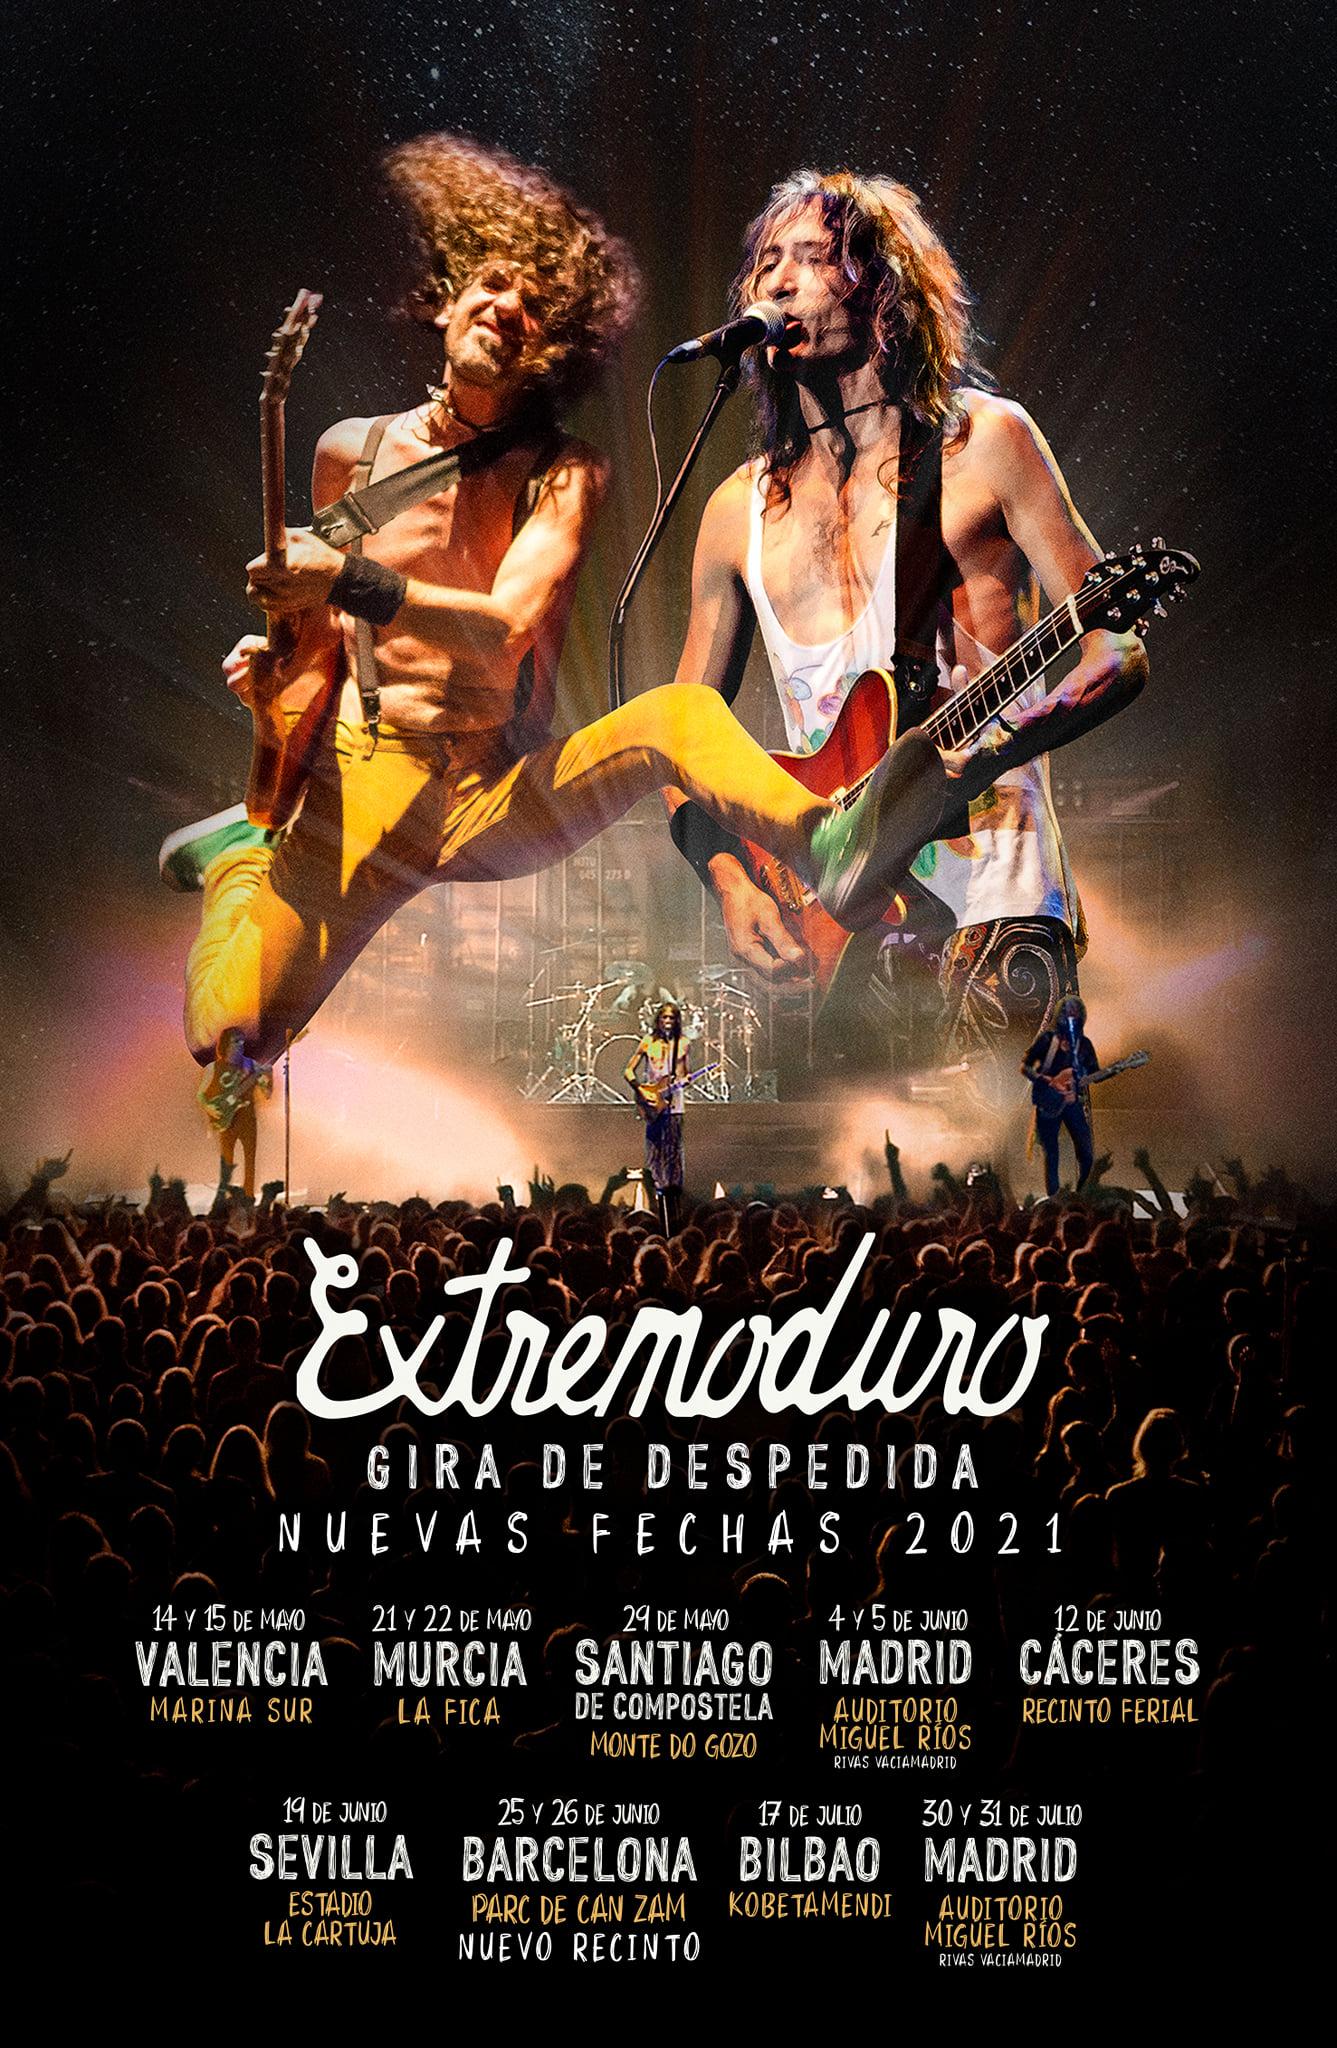 Extremoduro anuncia las nuevas fechas para su gira de despedida en 2021